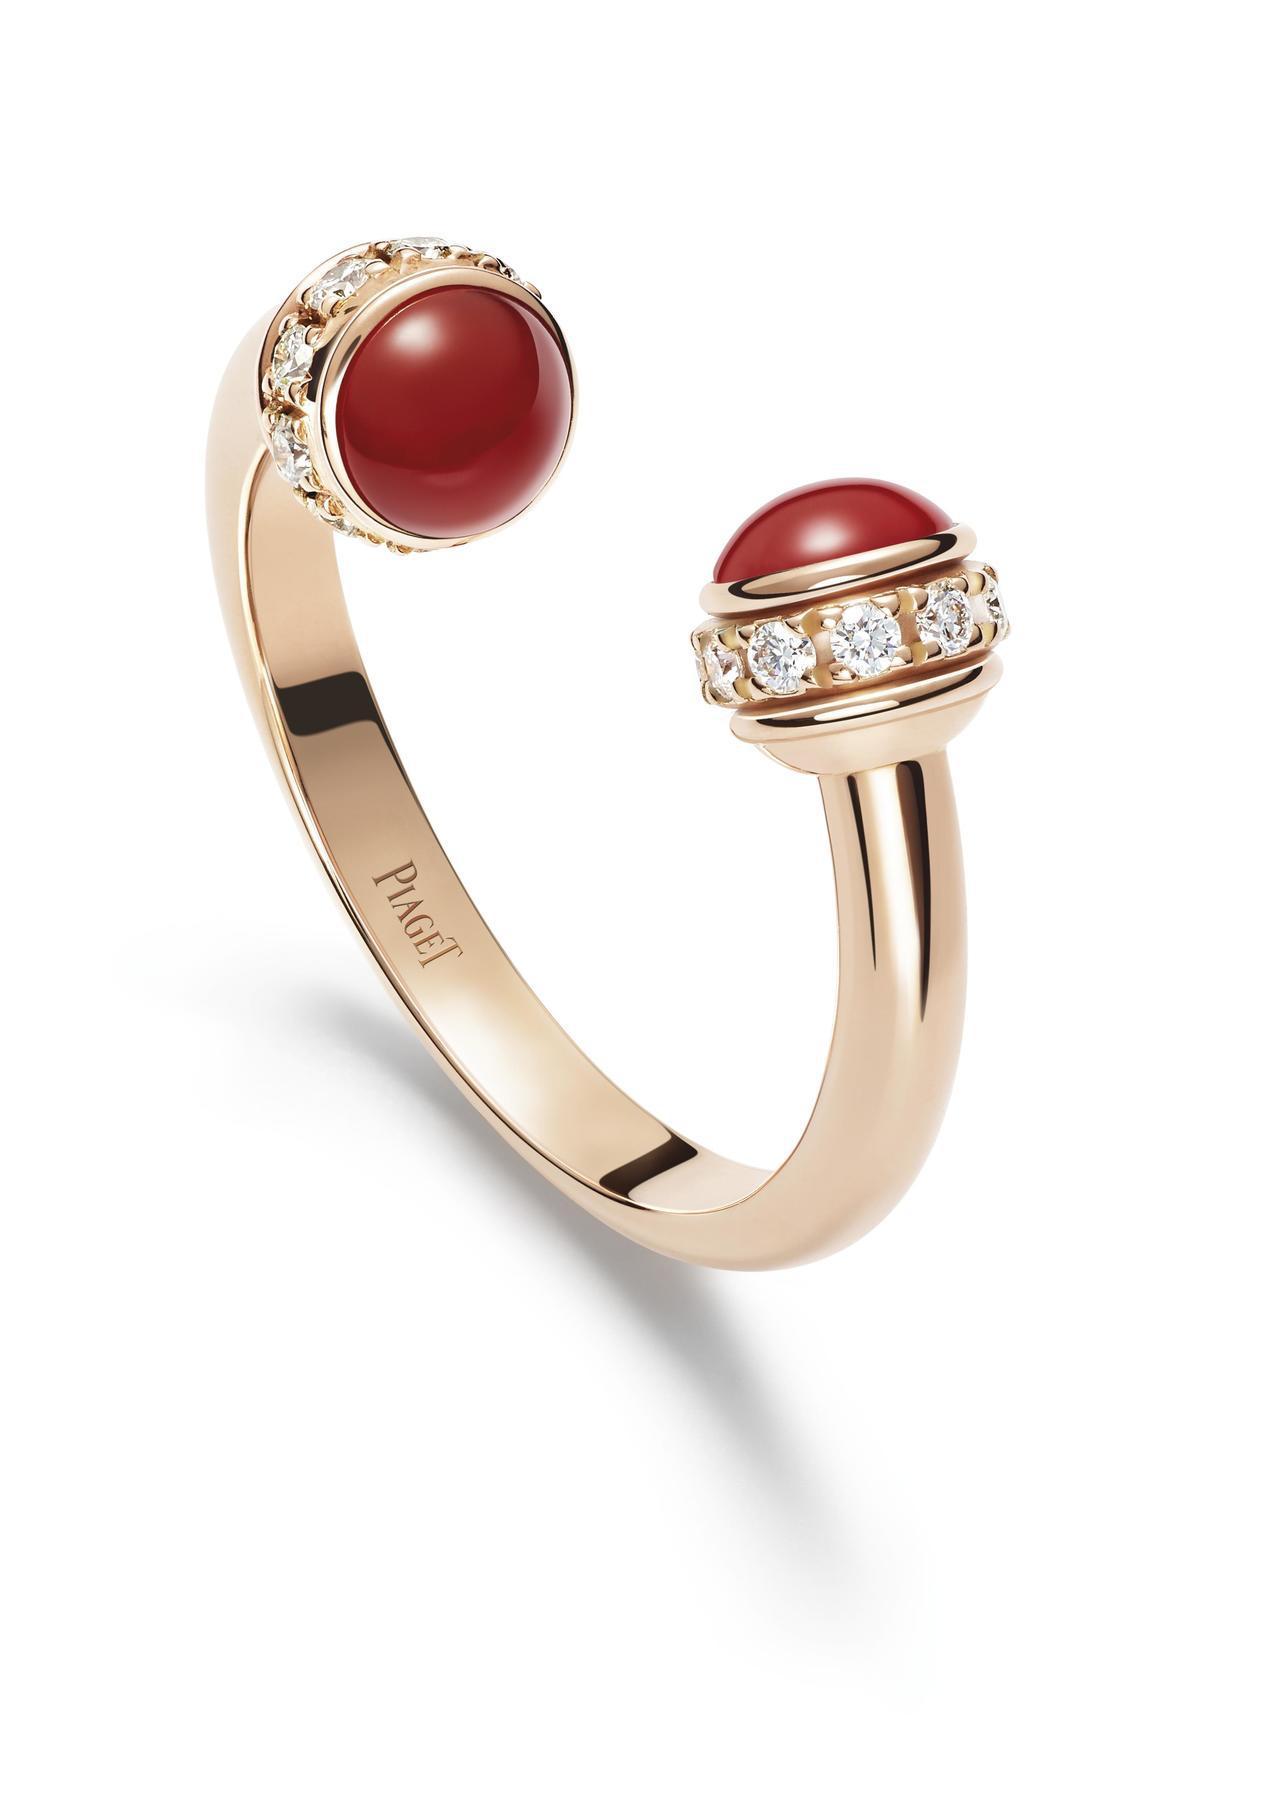 伯爵Possession 系列指環,18K玫瑰金鑲嵌紅玉髓與20顆圓形美鑽,87...